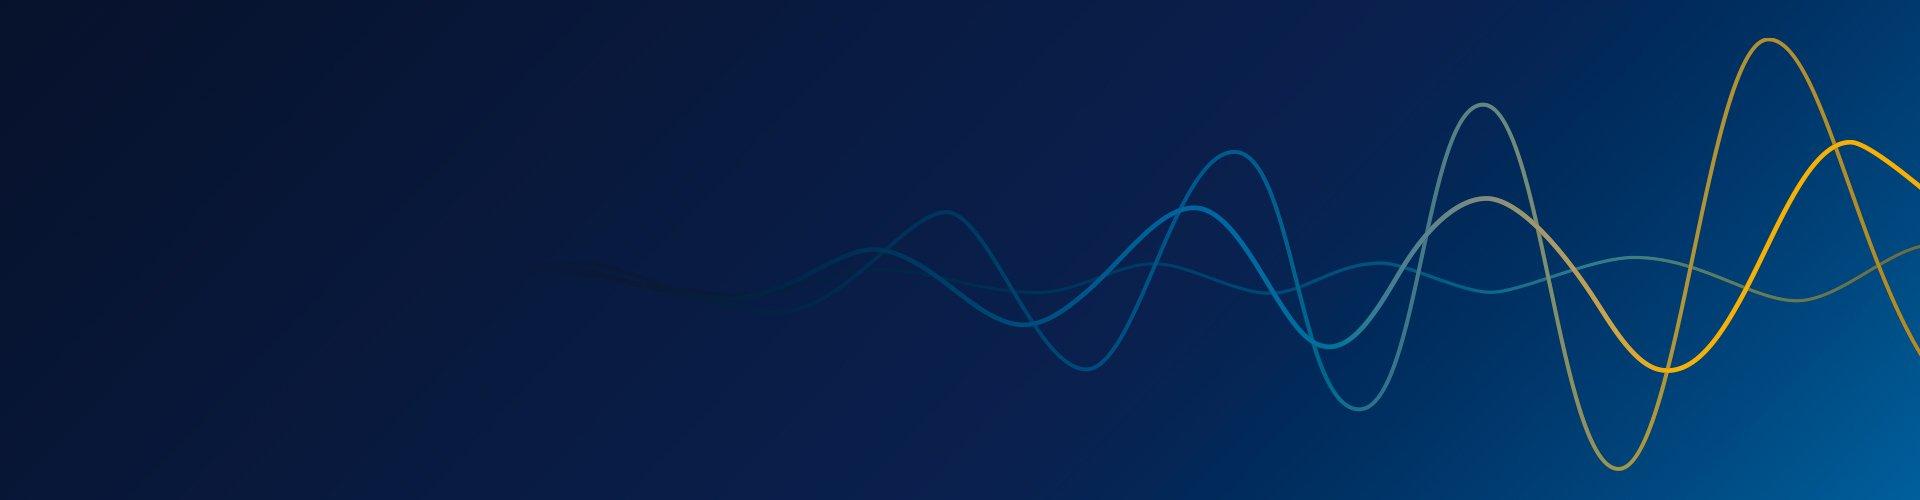 hearlink_wave_1920x500